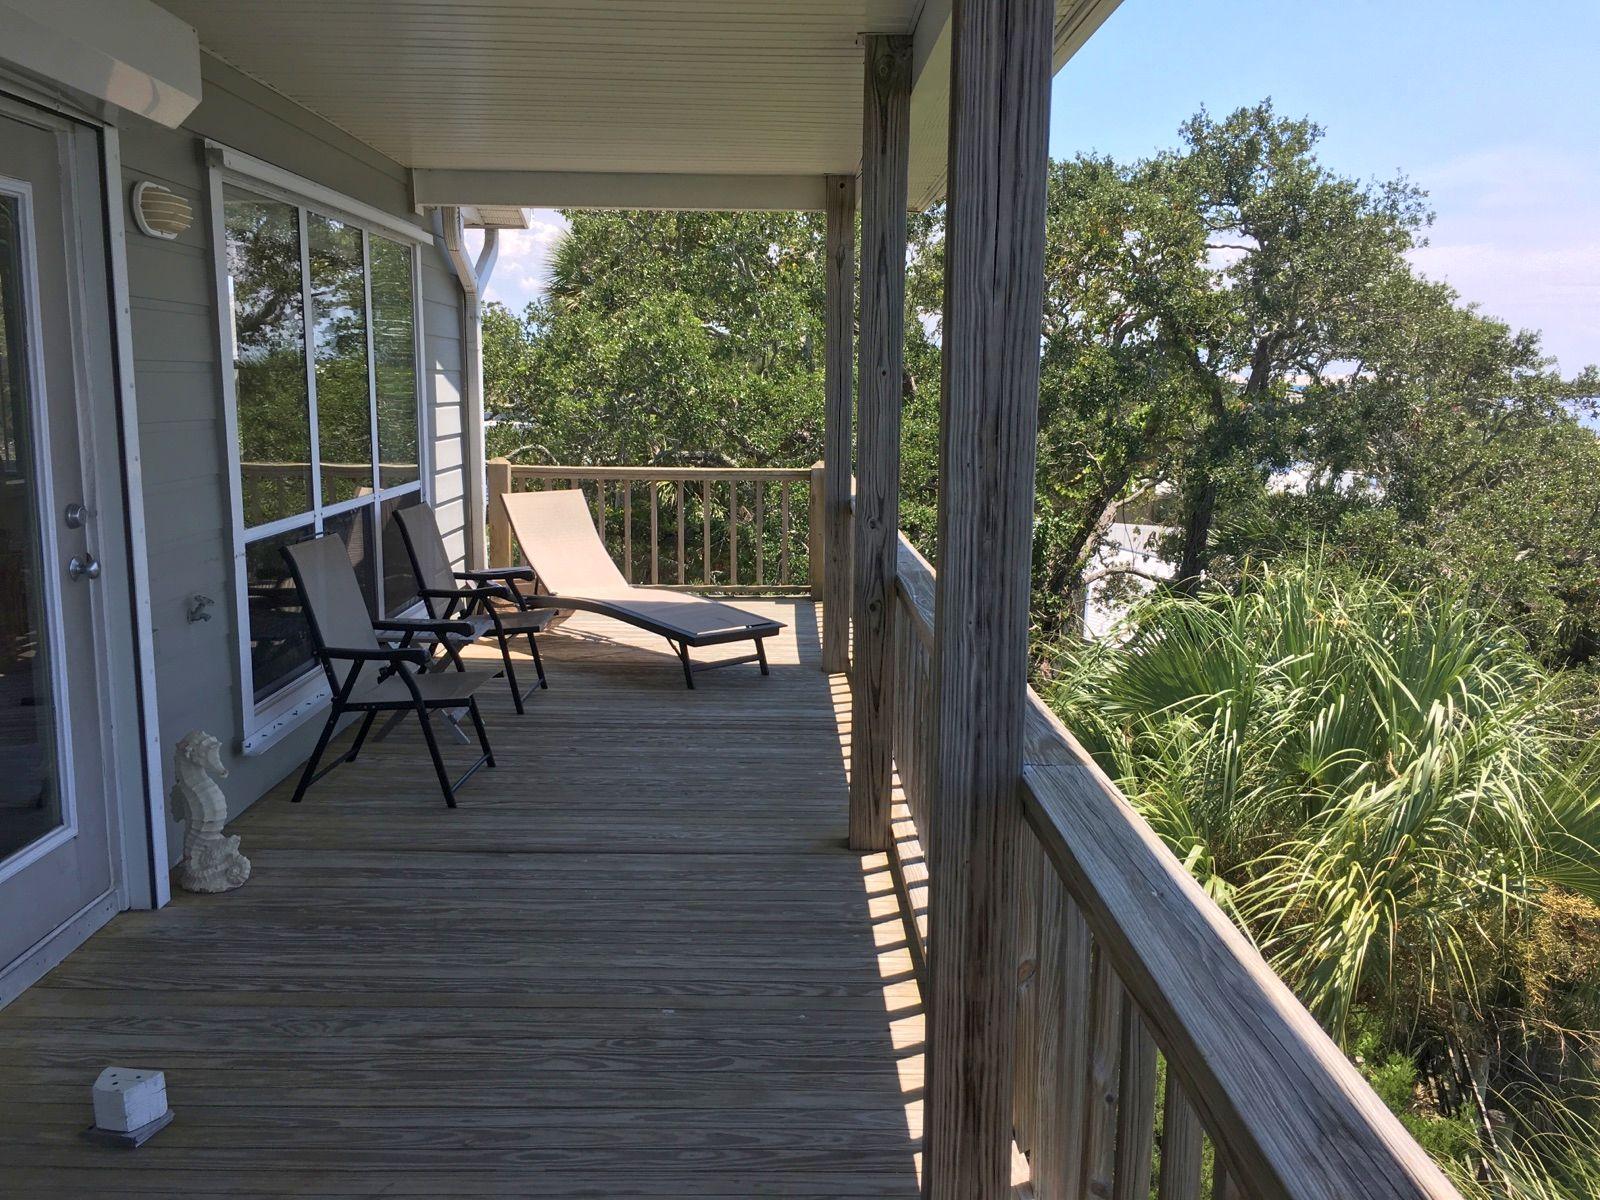 Gulf Front Condo Rental in Cedar Key FL